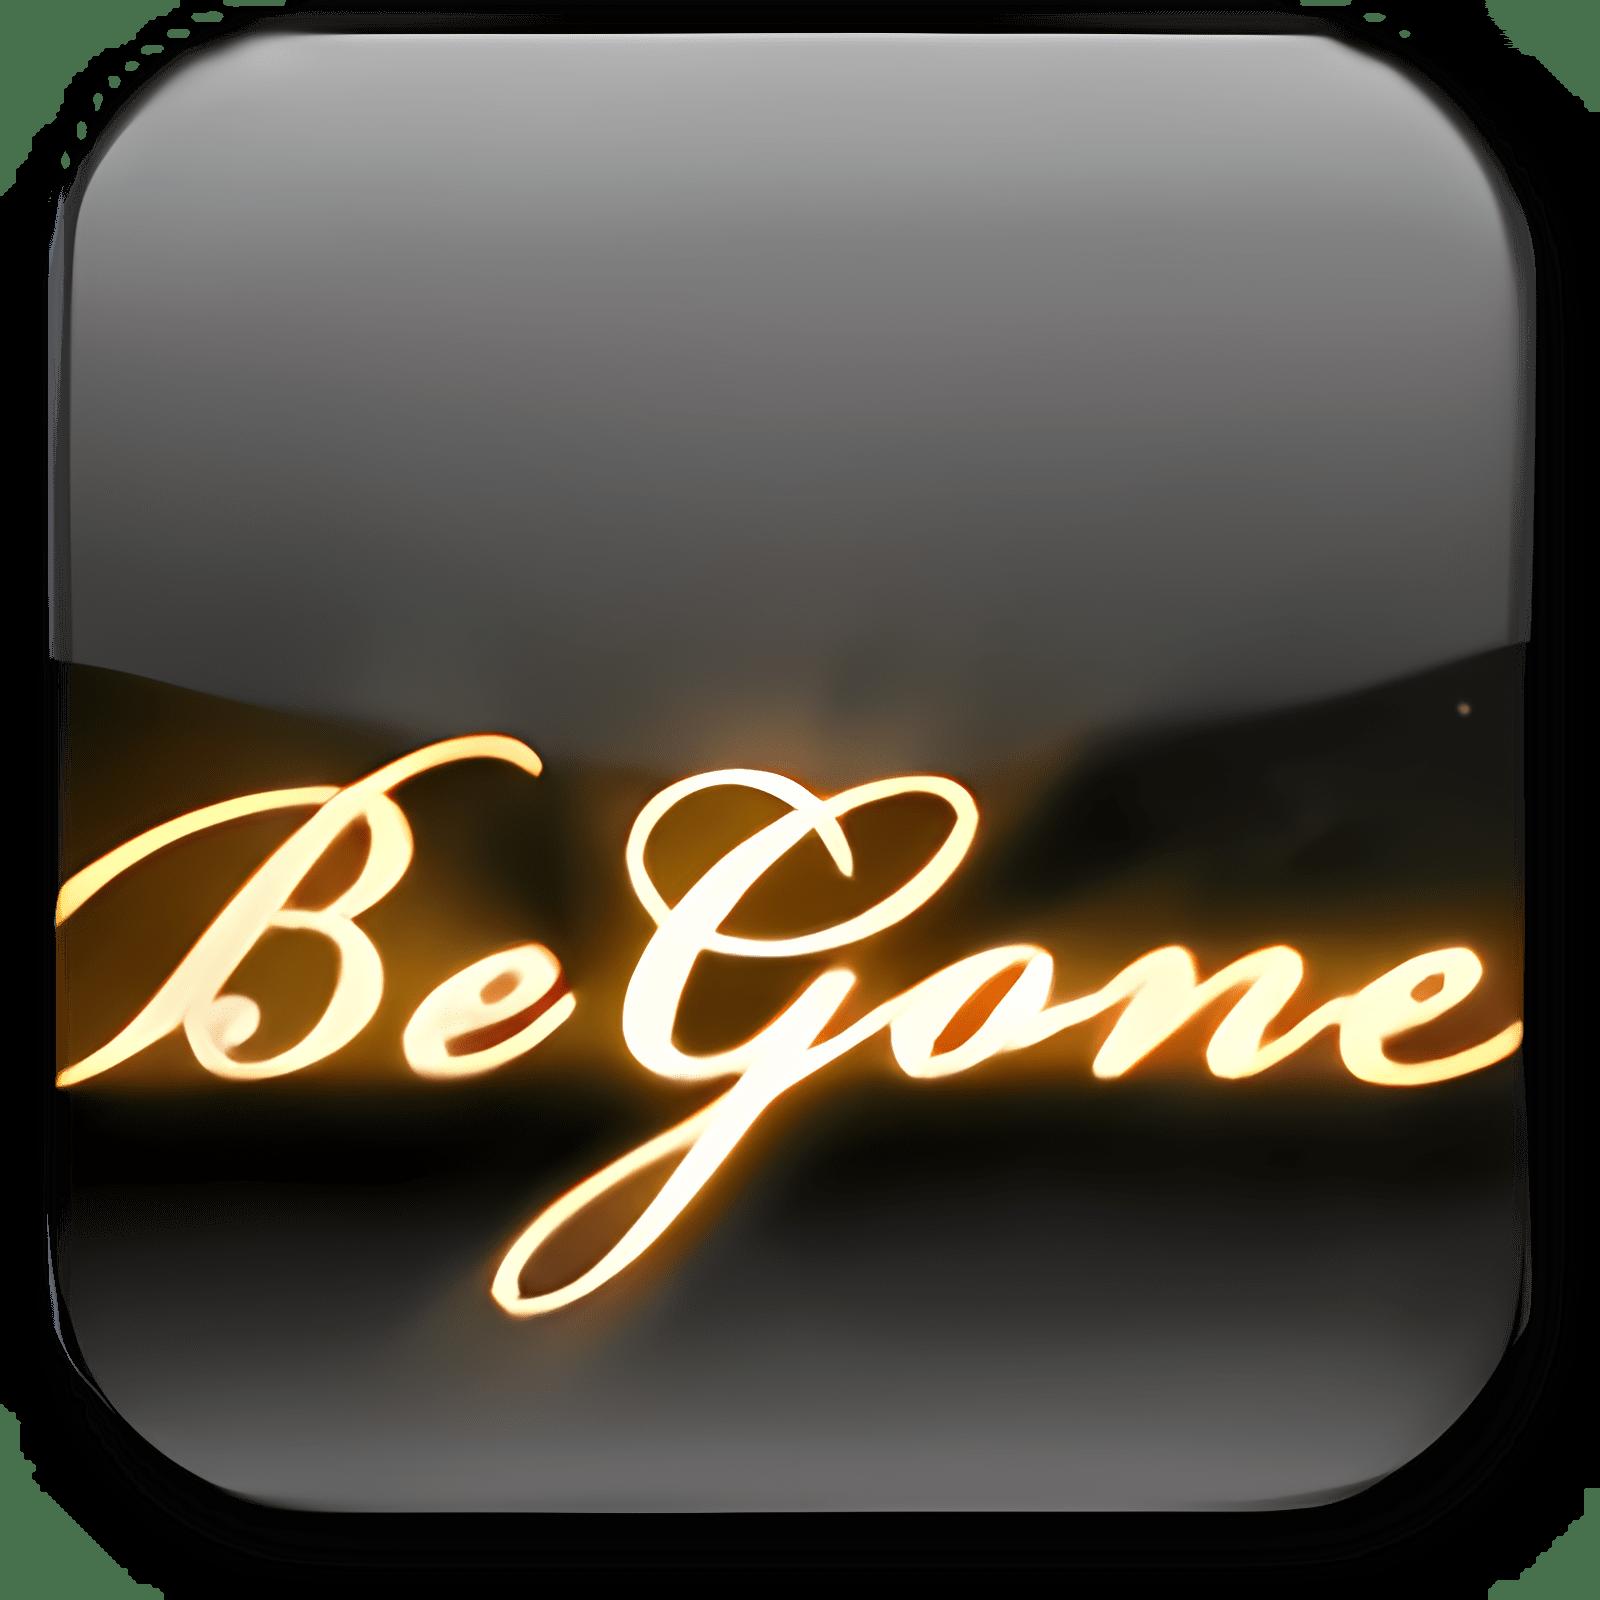 BeGone